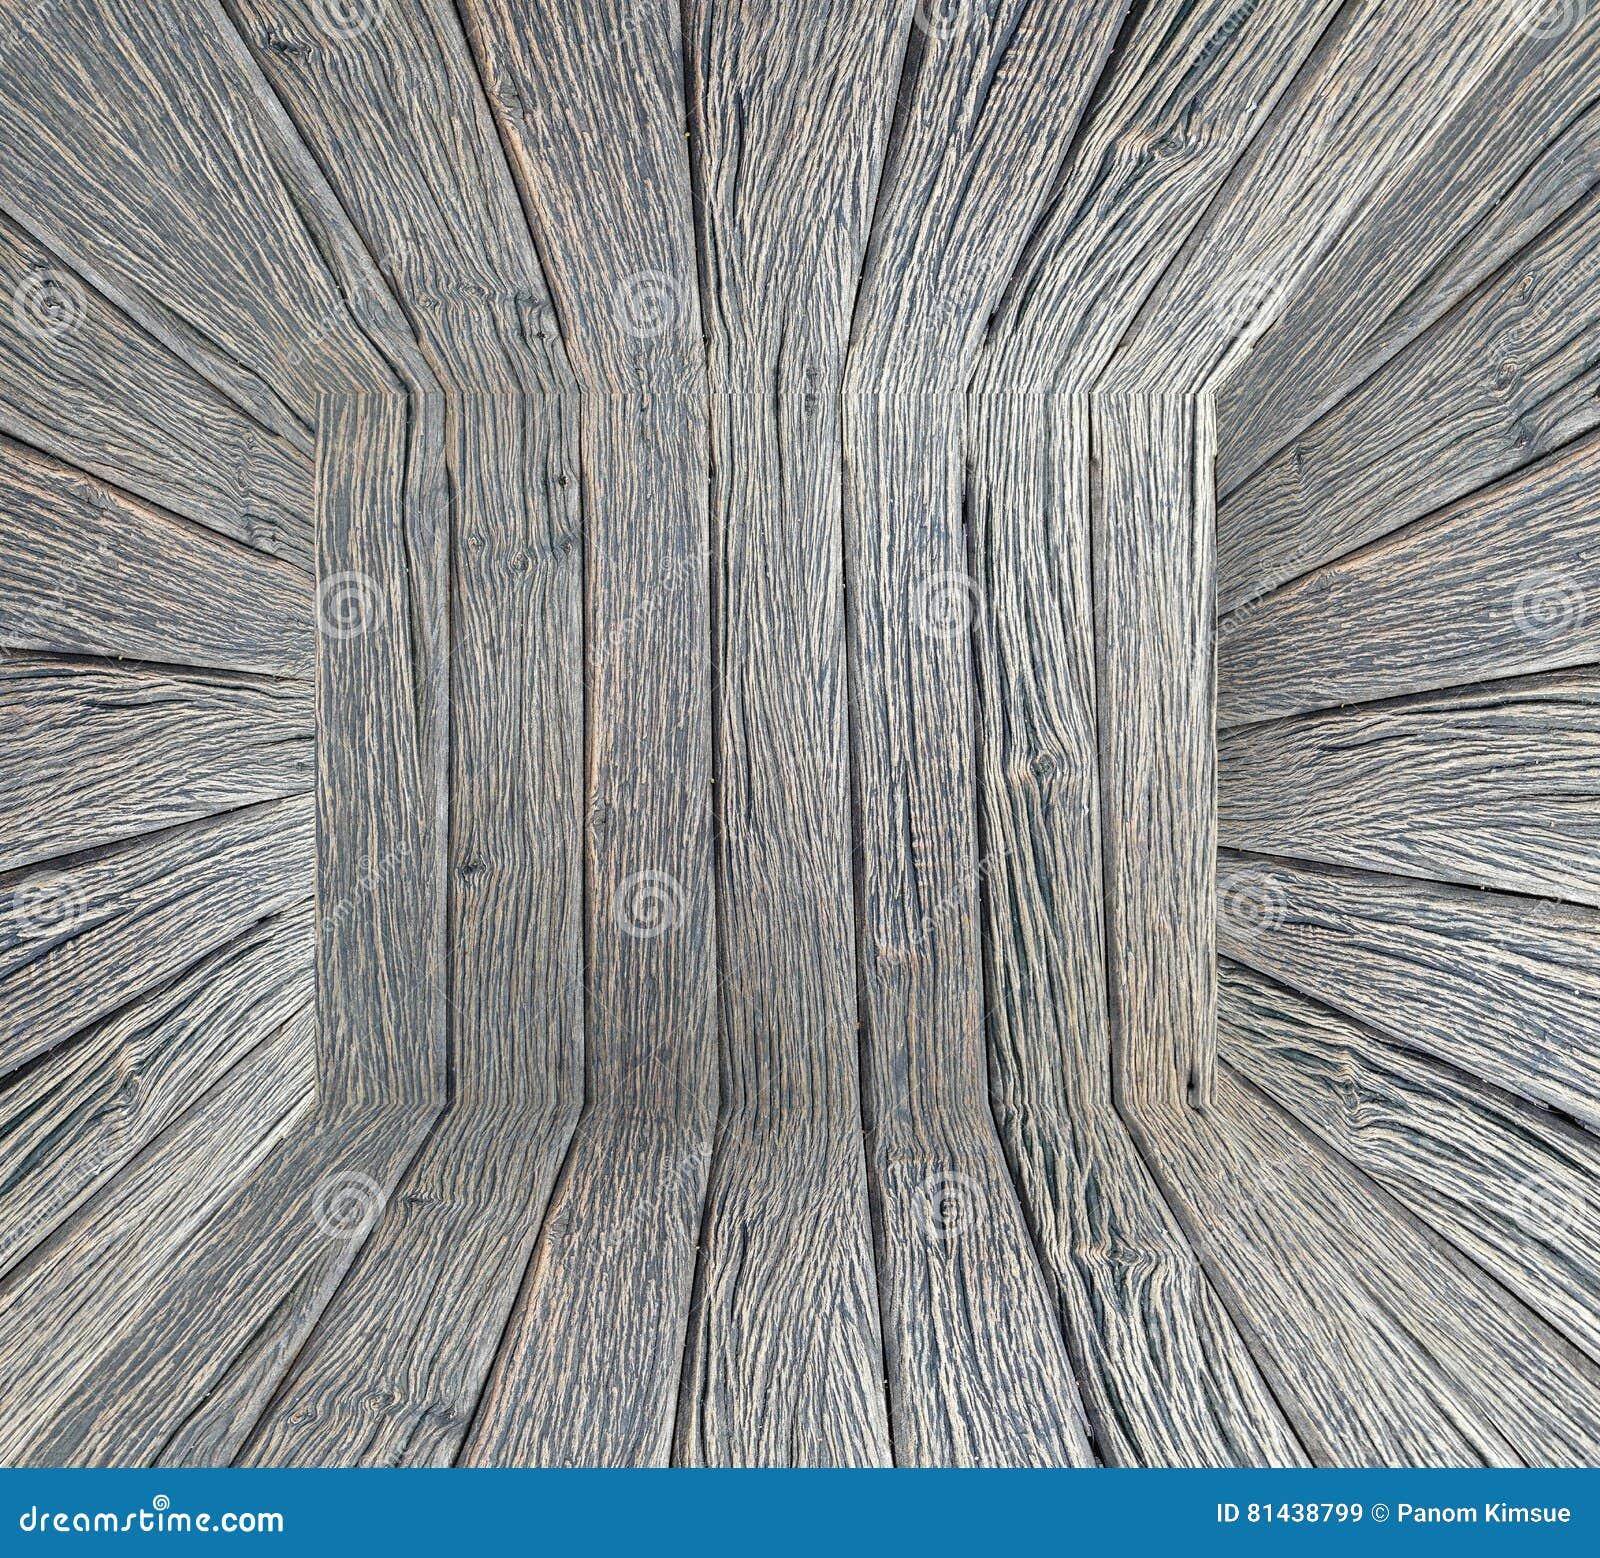 In Legno Wood Design tom inre för design, wood vägg tom lokal utrymme för text